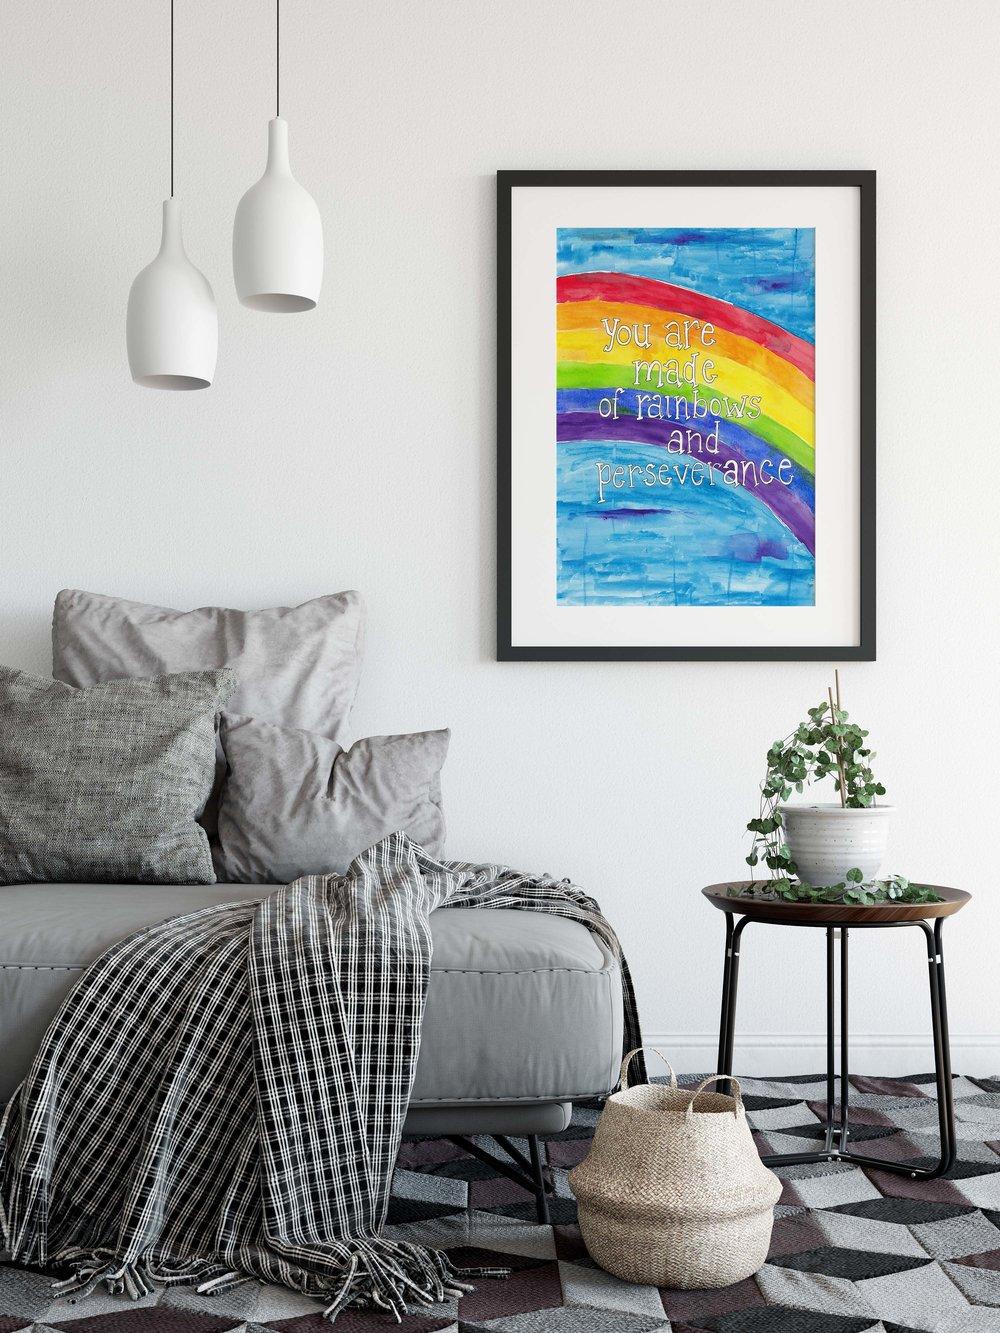 rainbows_frame.jpg